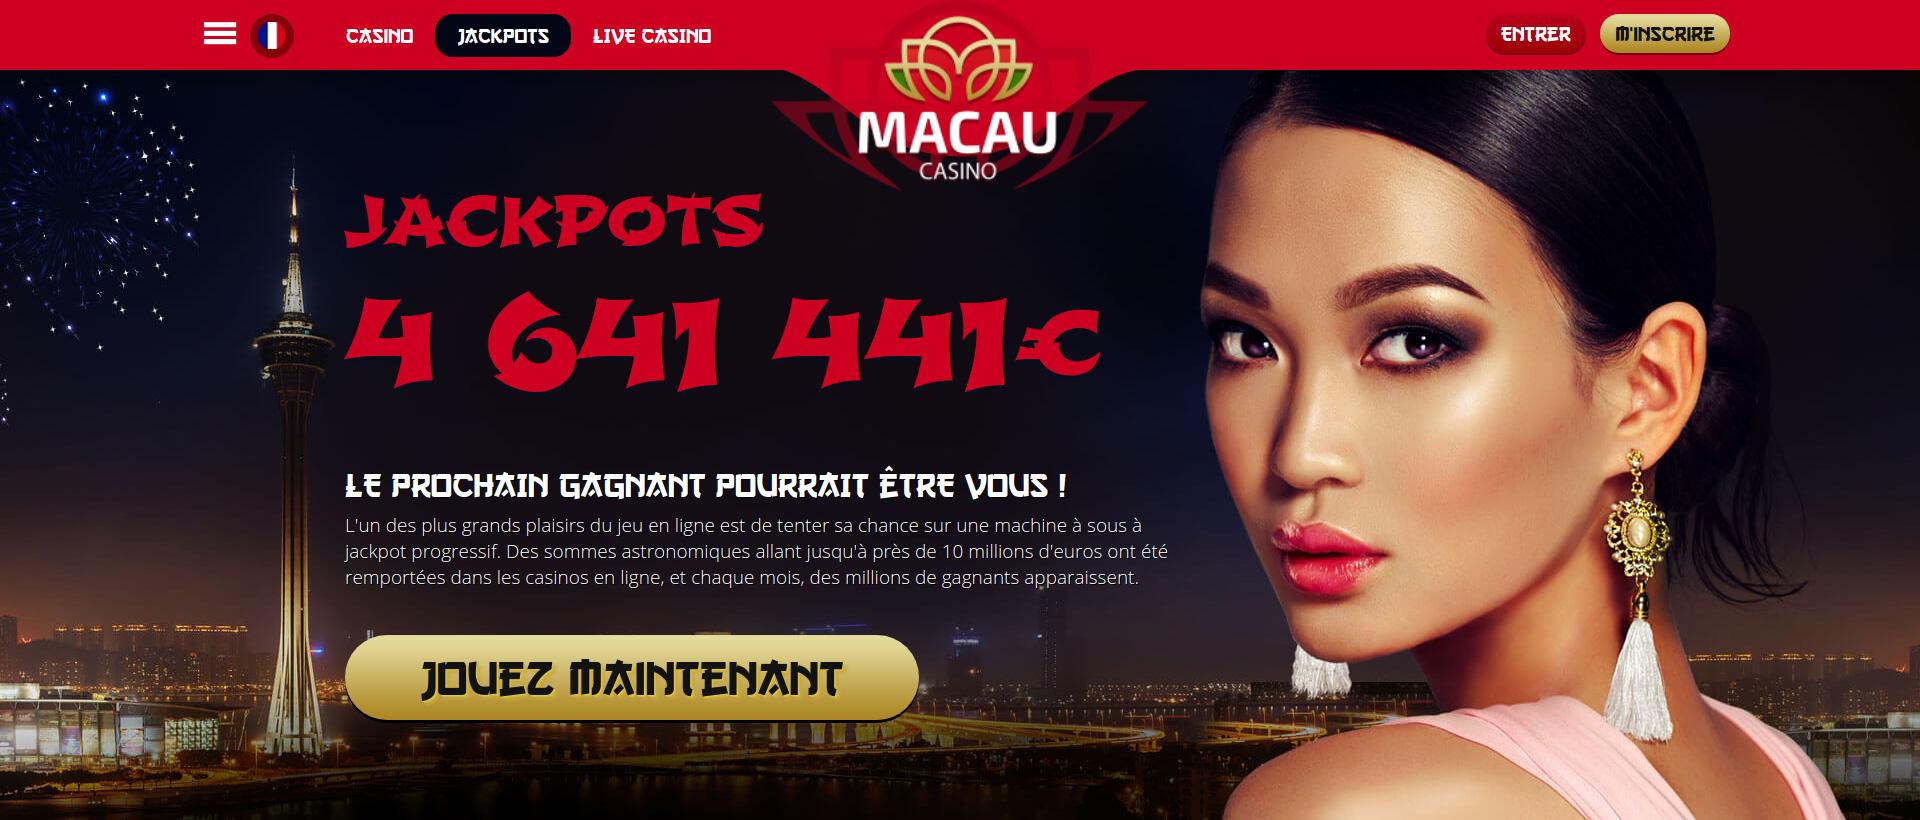 Macao Casino : le casino qui comblera tous les joueurs Français !